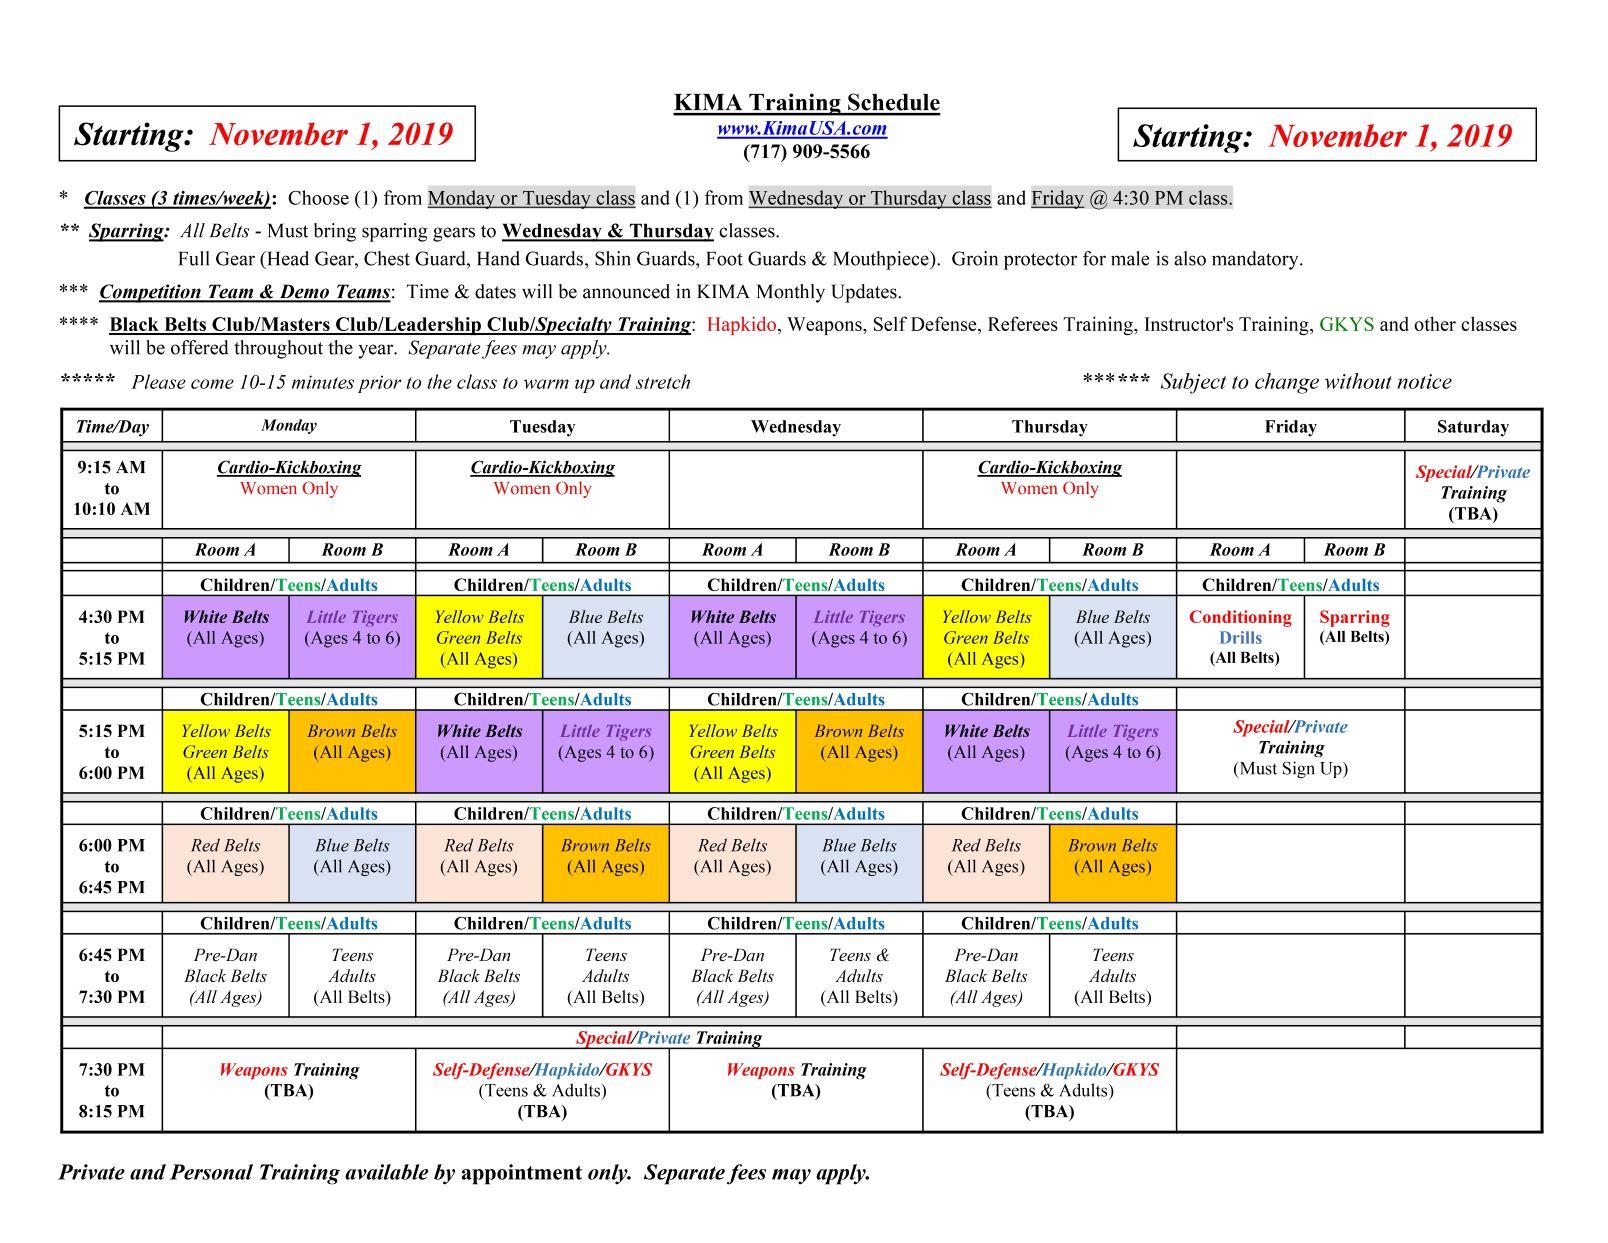 KIMA_Class_Schedule_2019_11_01_2MP